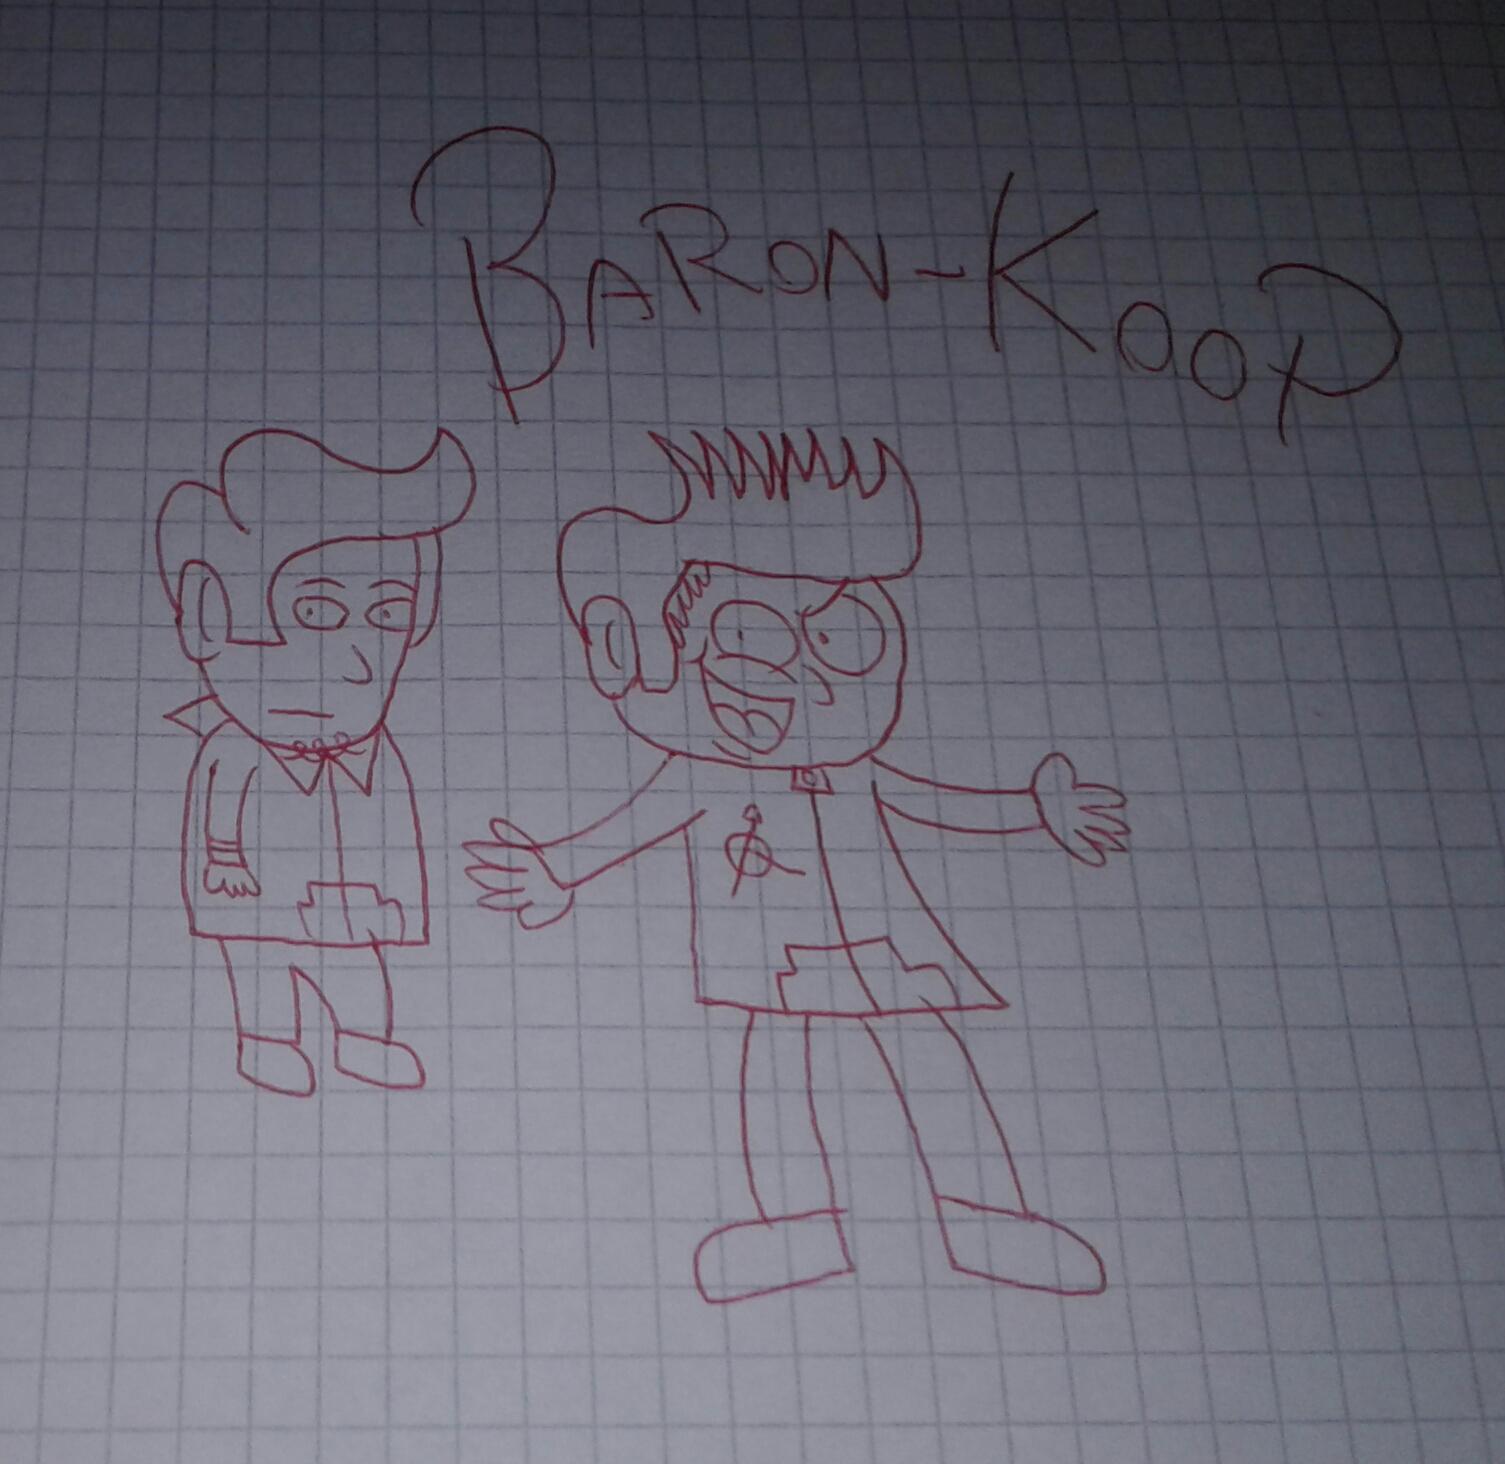 Baron-Koop